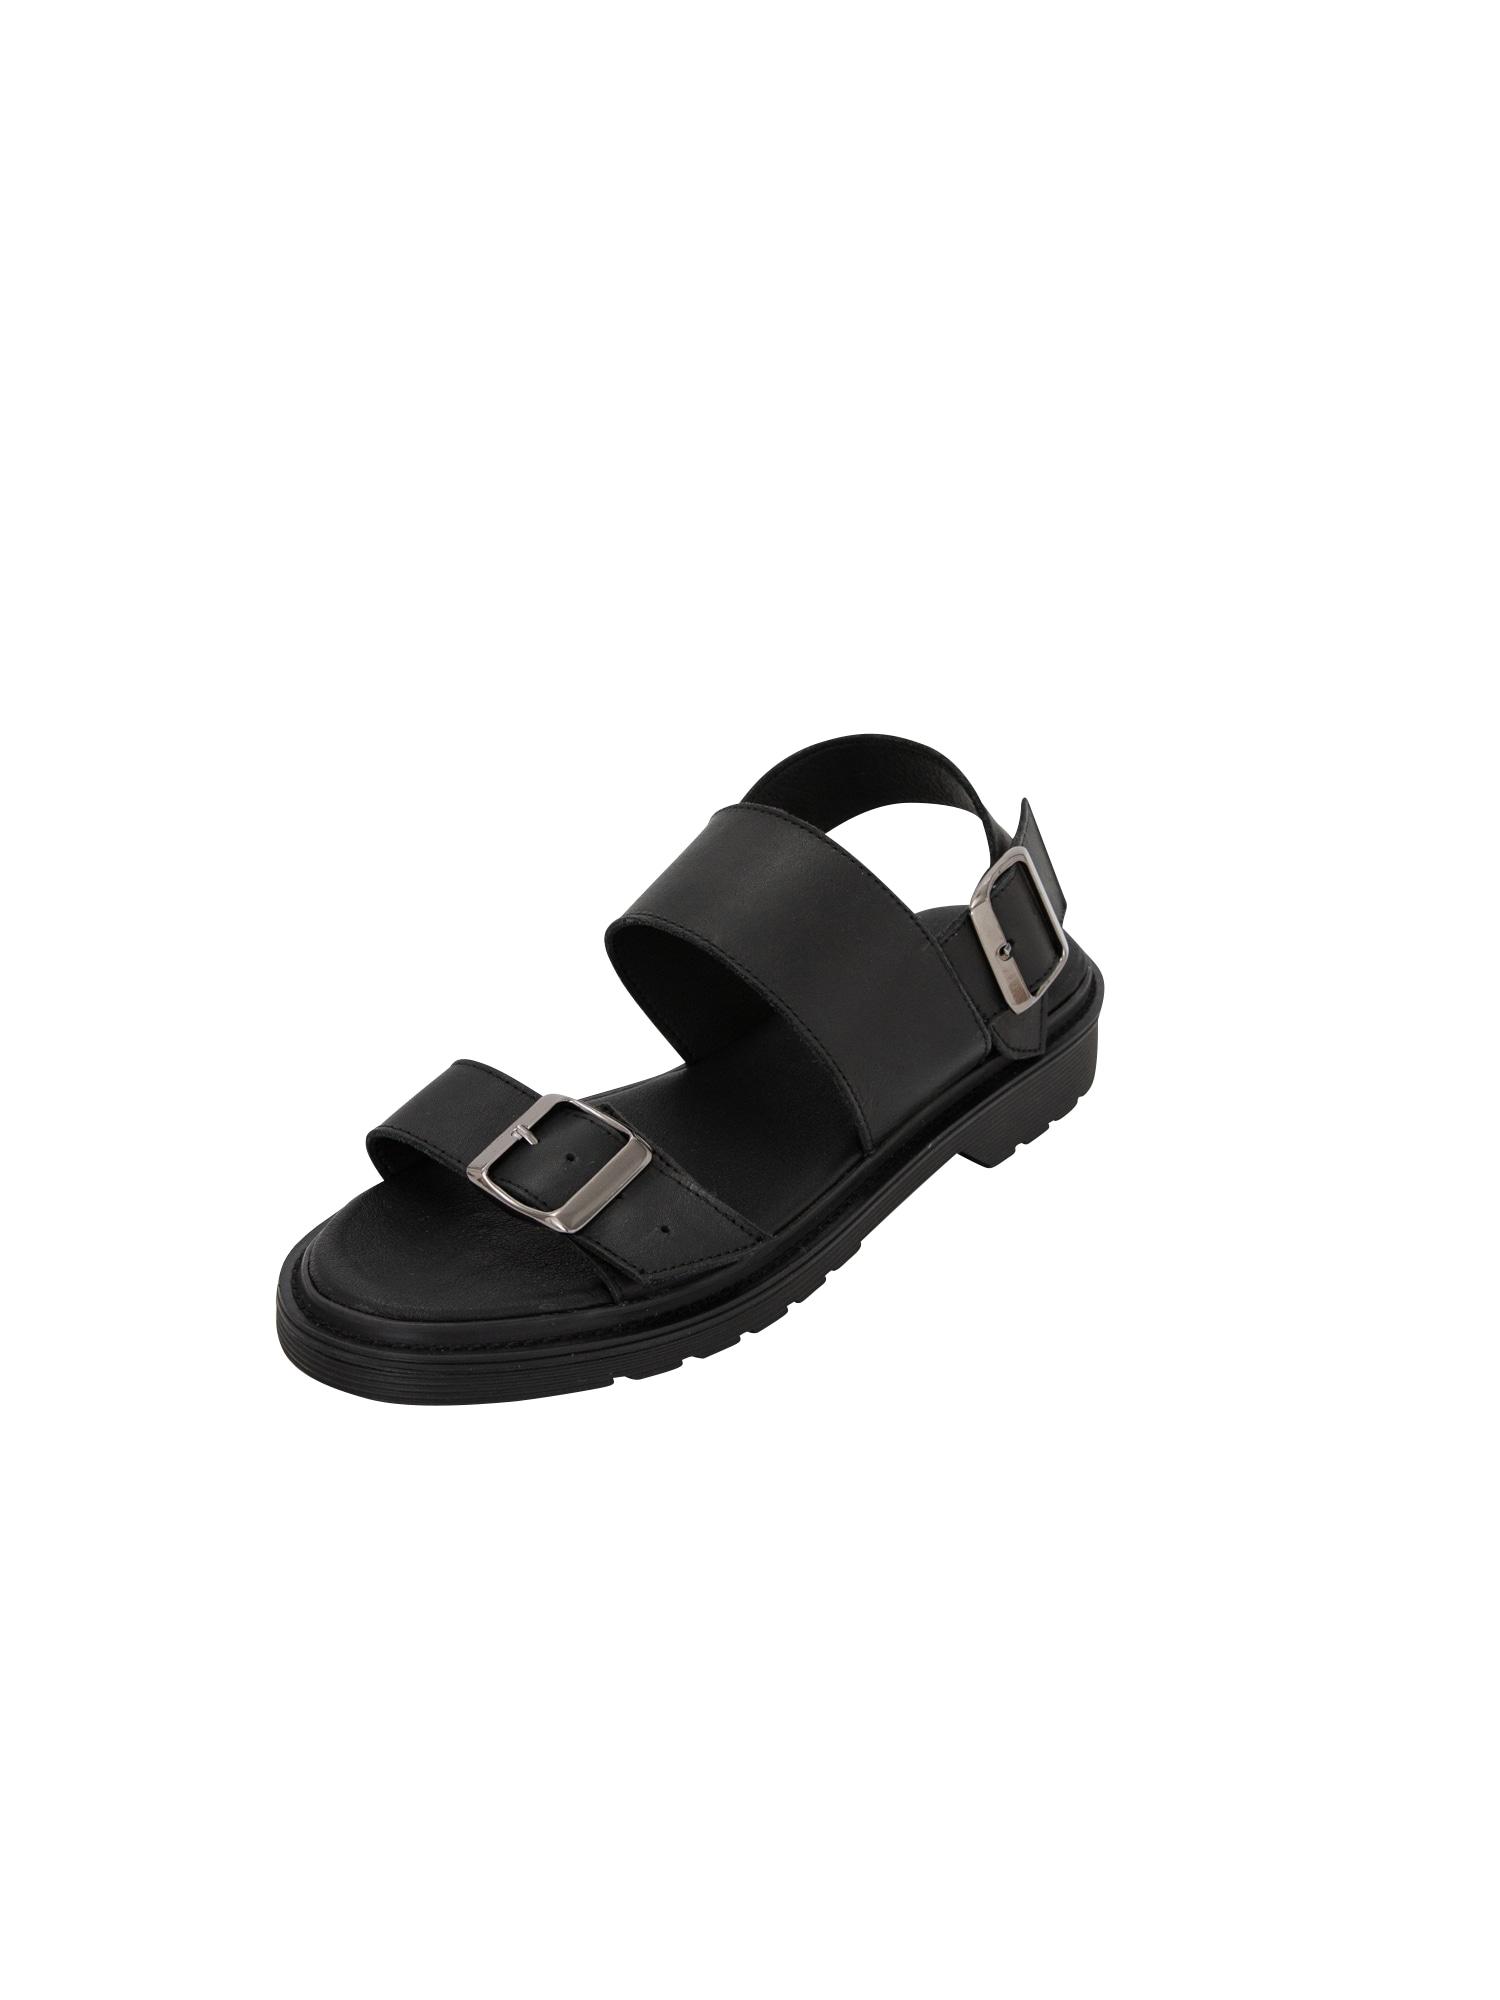 Sandály Kalea černá EDITED